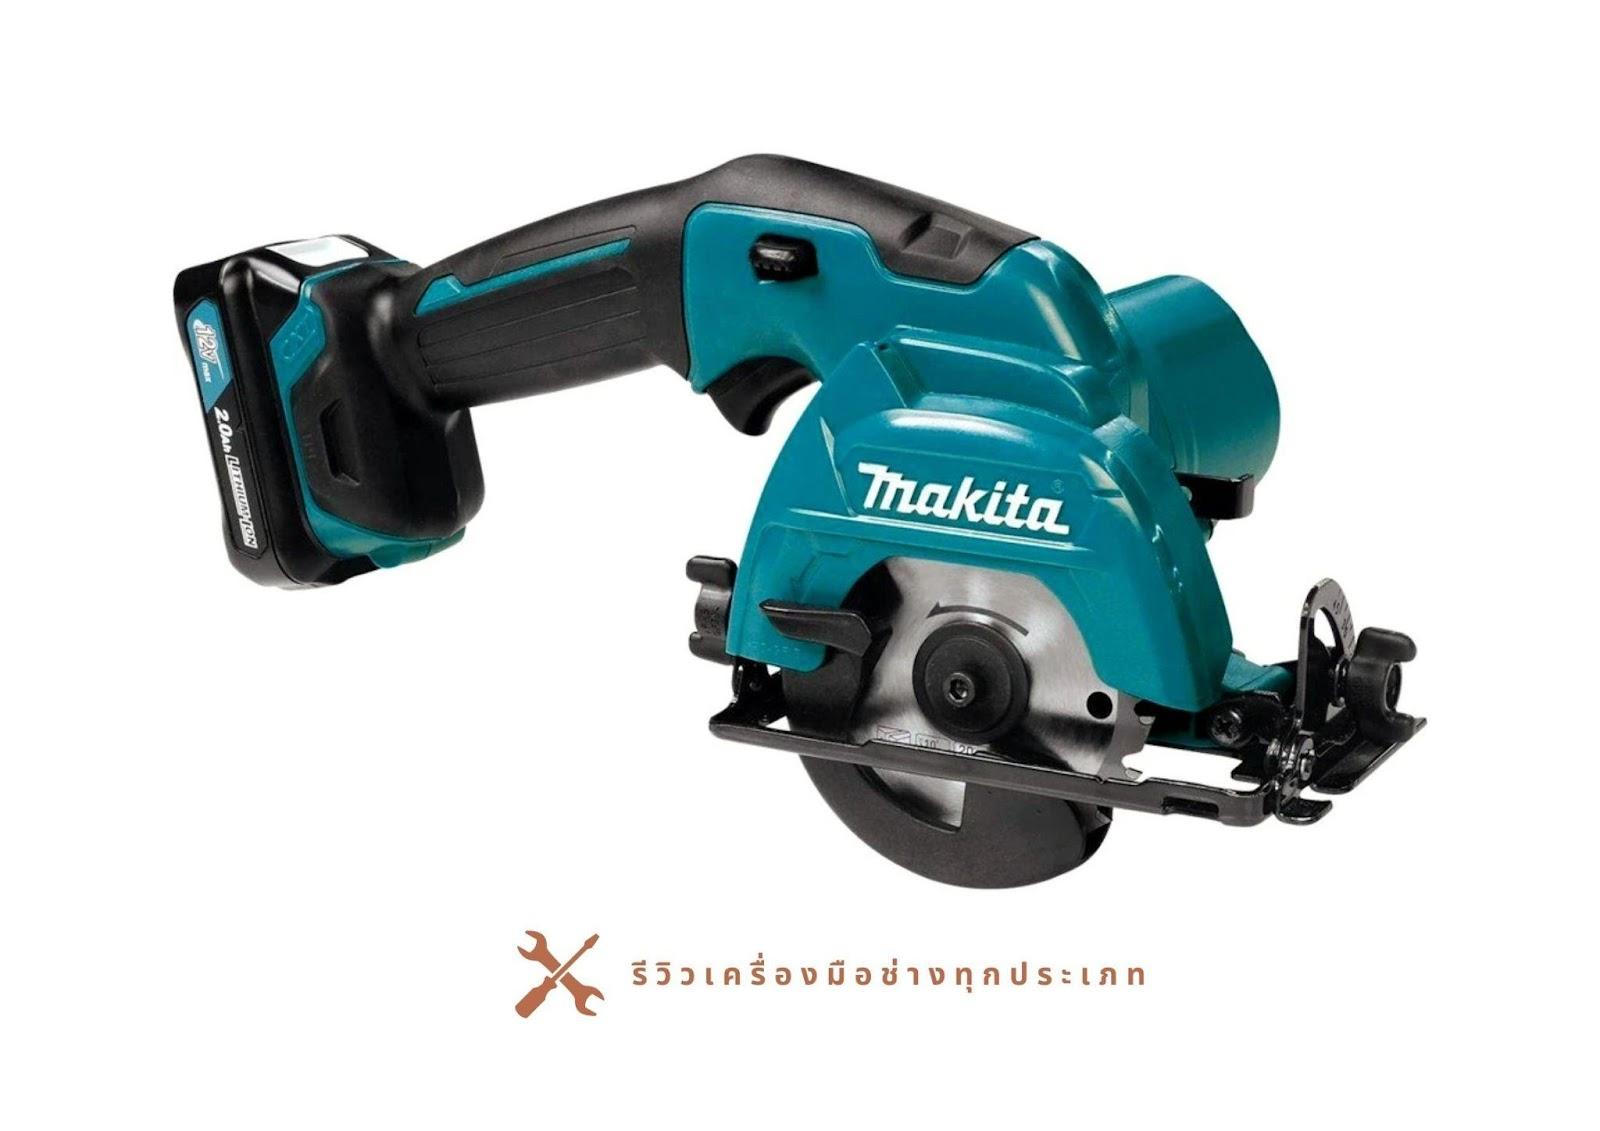 7. Makita SH02R1 12-Volt Max CXT Cordless Circular Saw Kit